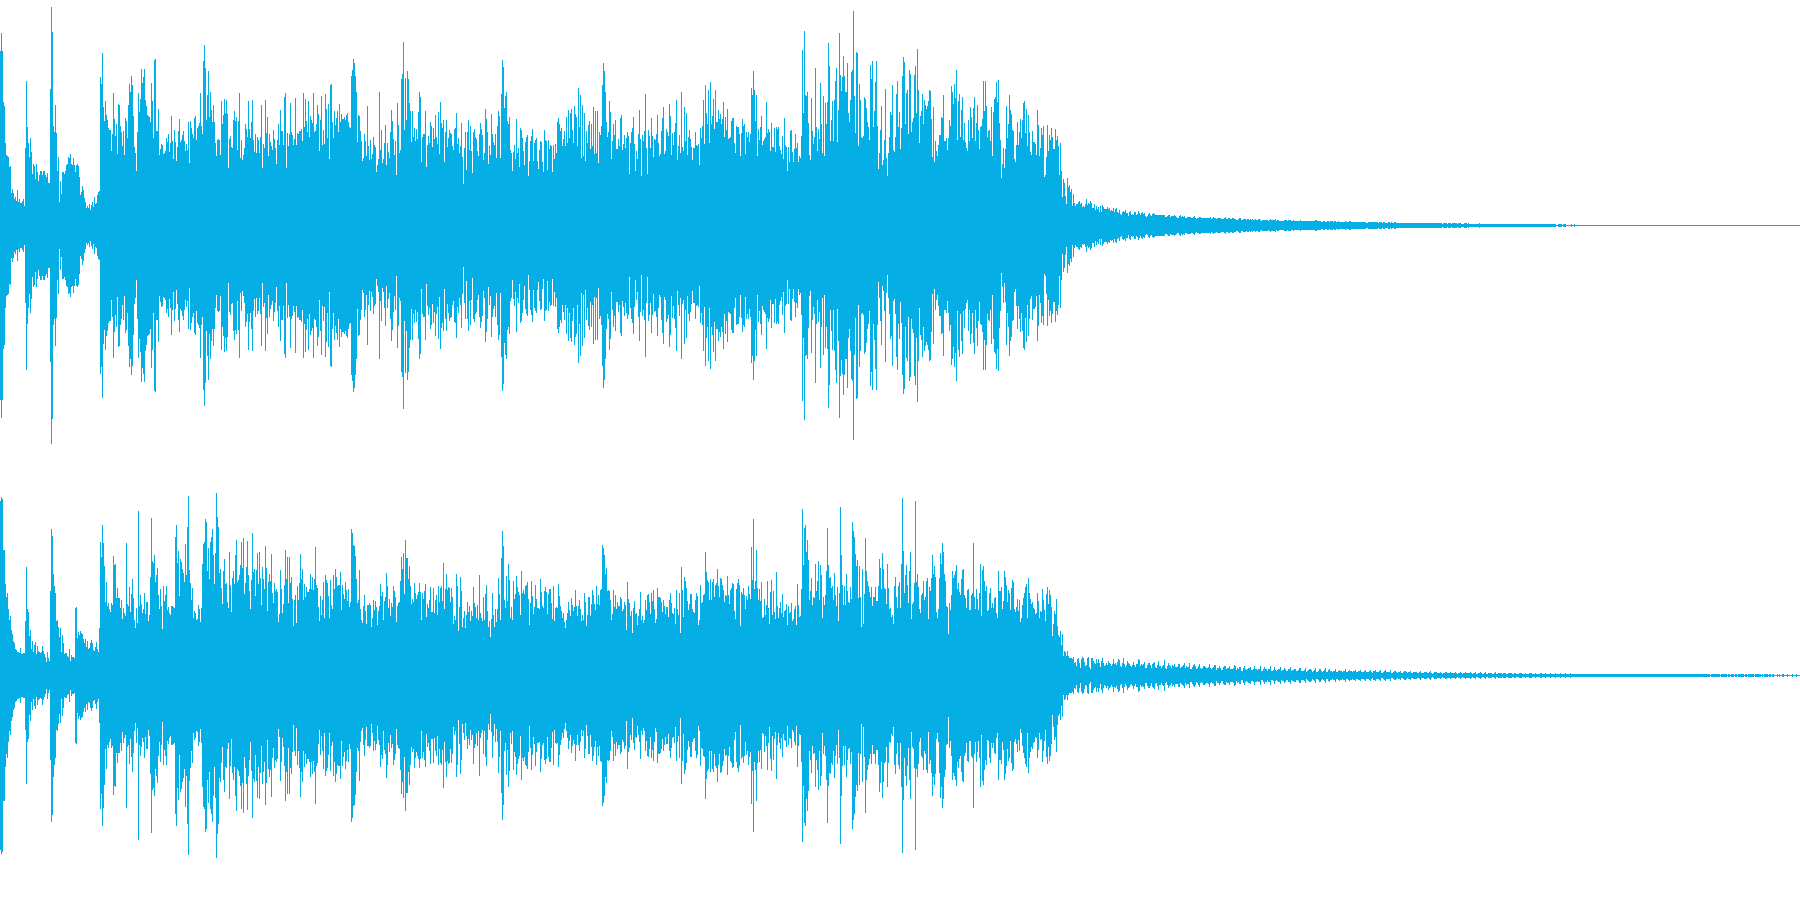 ハードロックなサウンドロゴの再生済みの波形